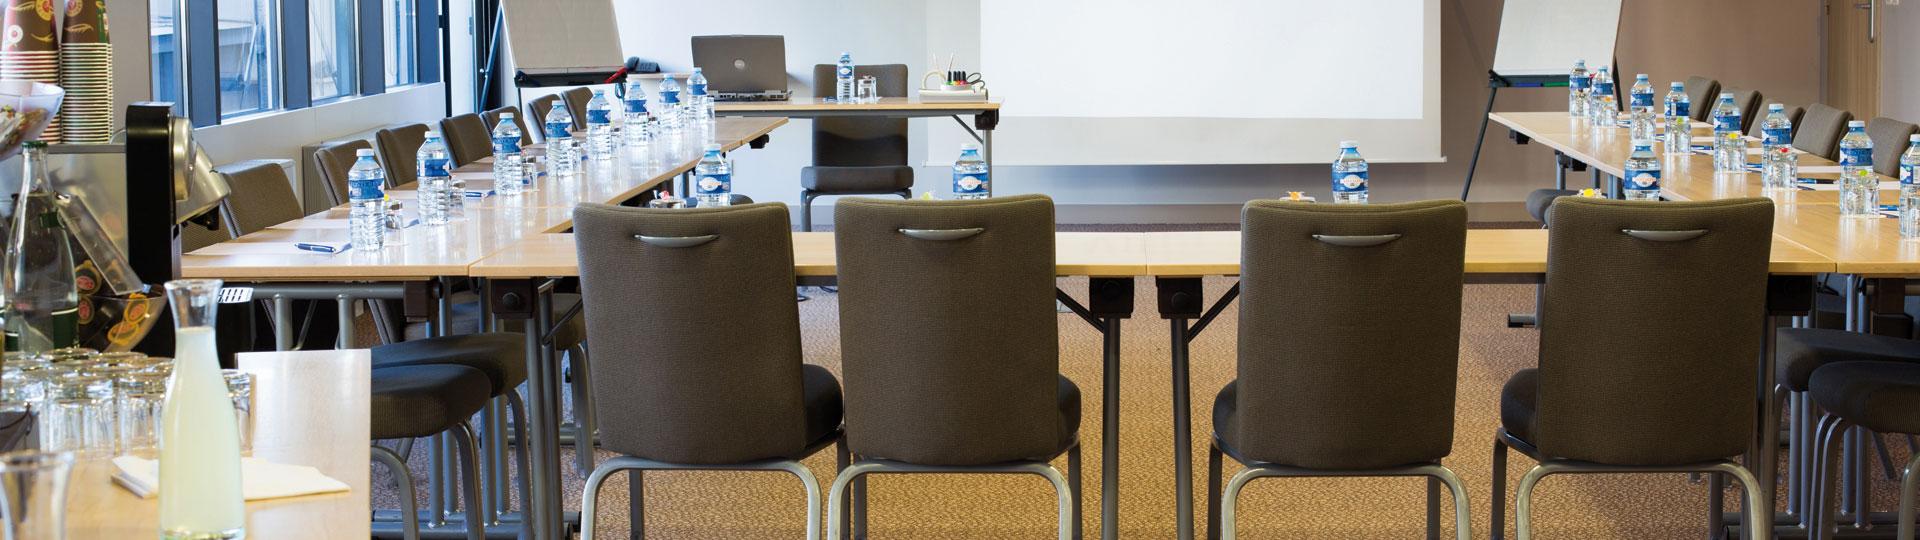 Buffet salle de réunion